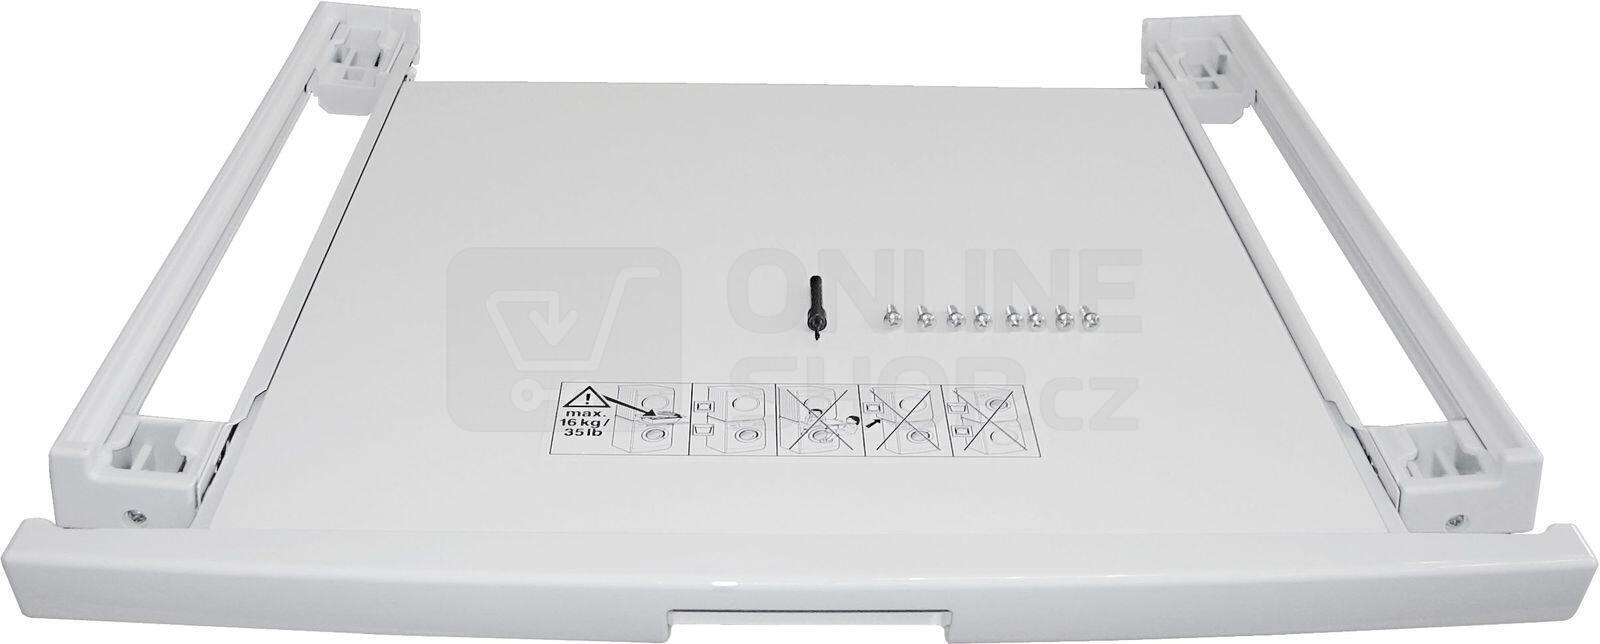 Spojovací sada Bosch WTZ 11300 pračka-sušička s výsuvem